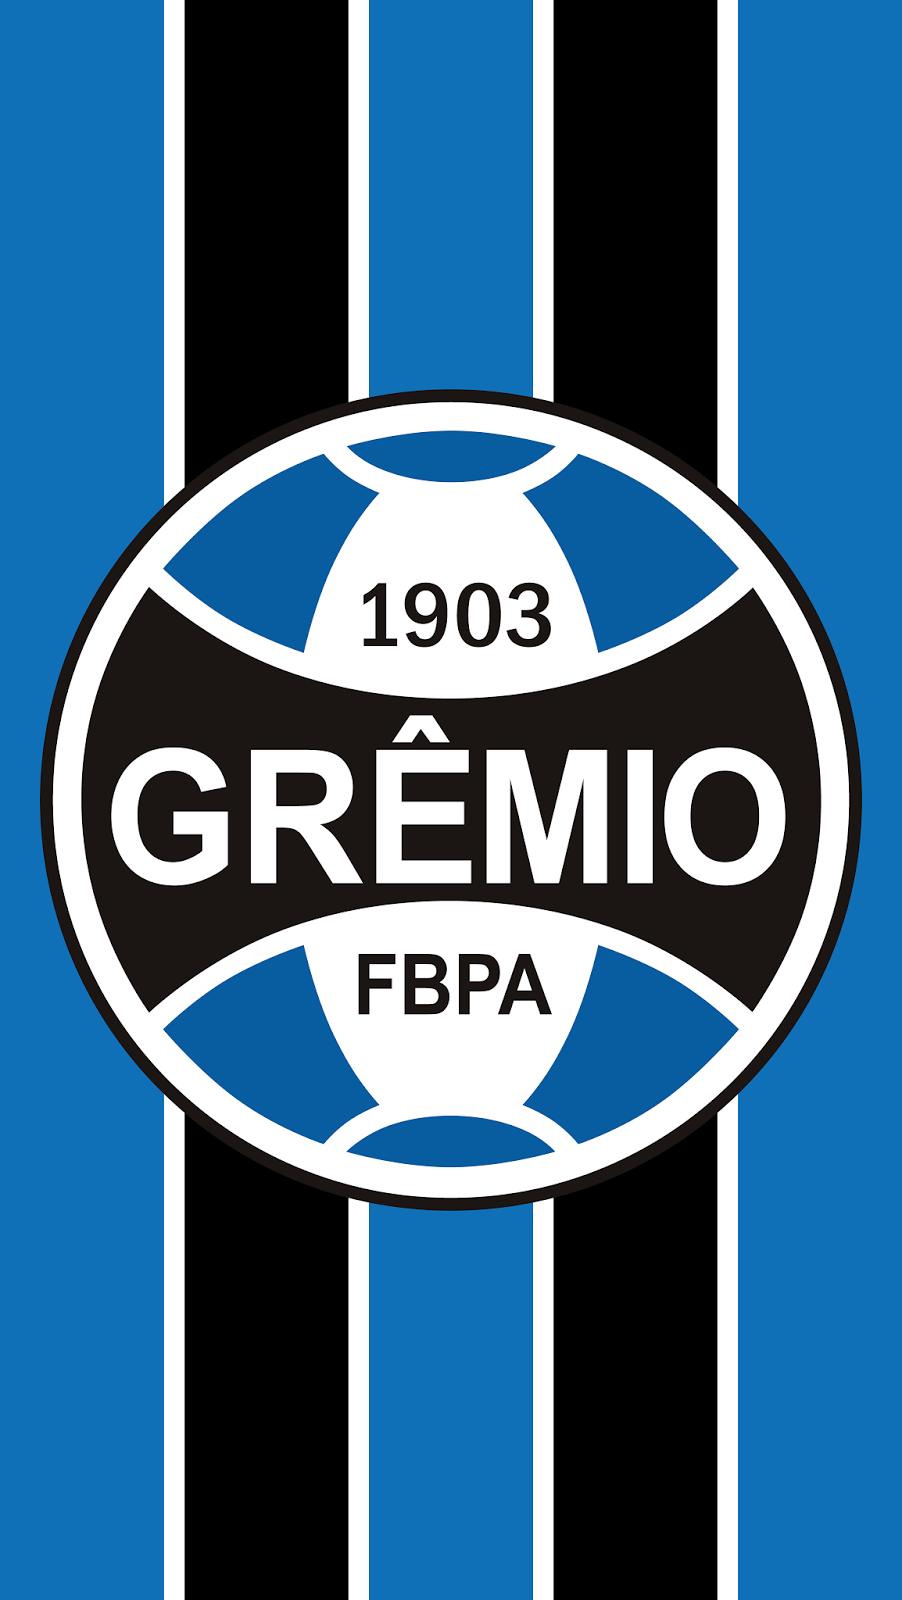 wallpaper de futebol Grêmio escudo u2013 Imagens para Whatsapp  9a36681d67e7a